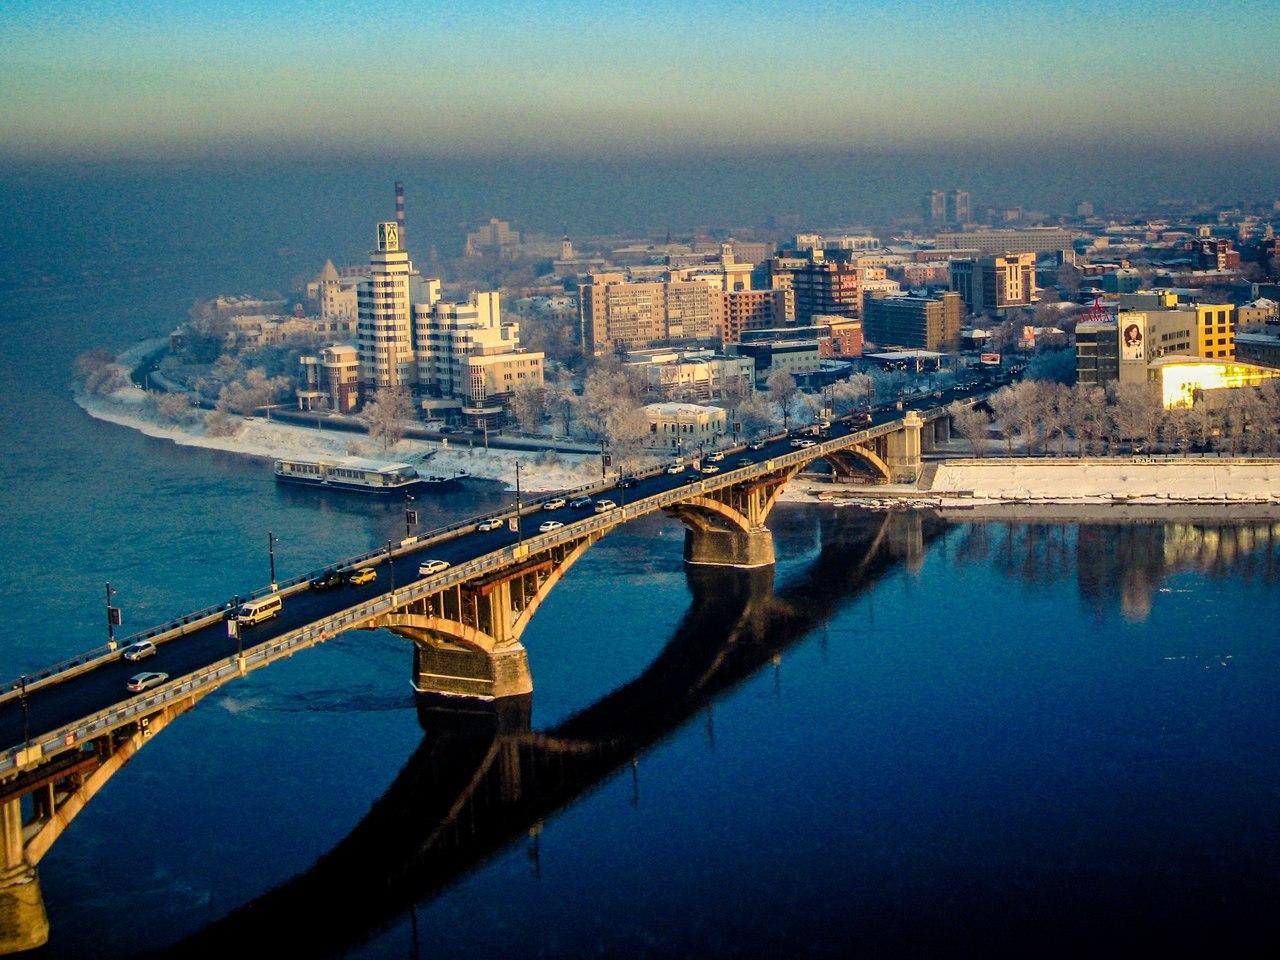 盘点2021年十大俄罗斯最富有城市插图-小狮座俄罗斯留学